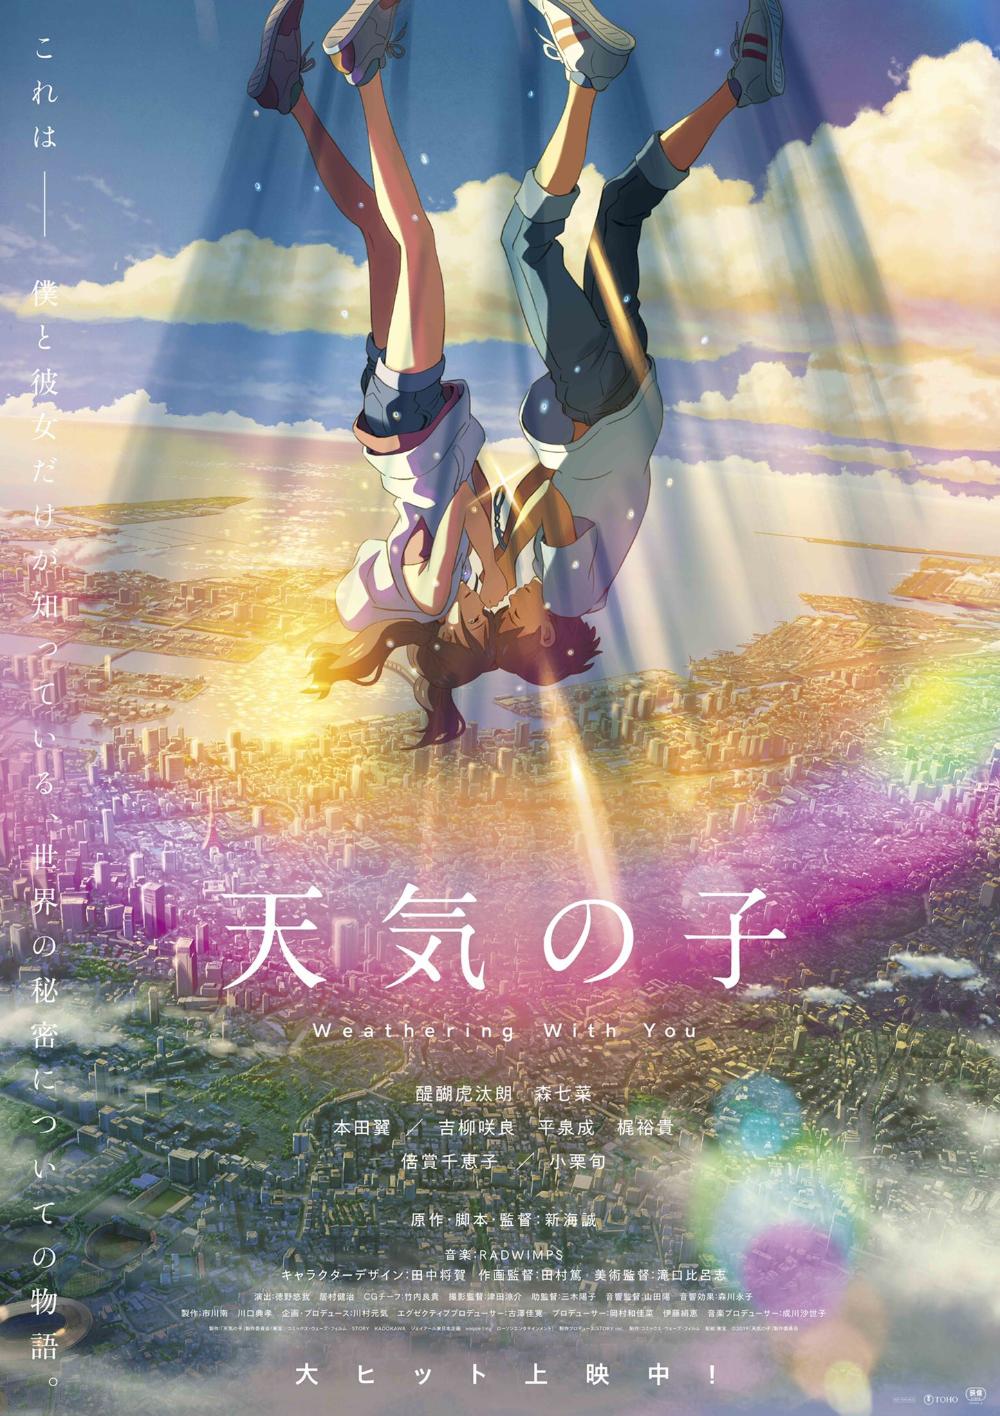 Nueva imagen promocional de la película Tenki no Ko en